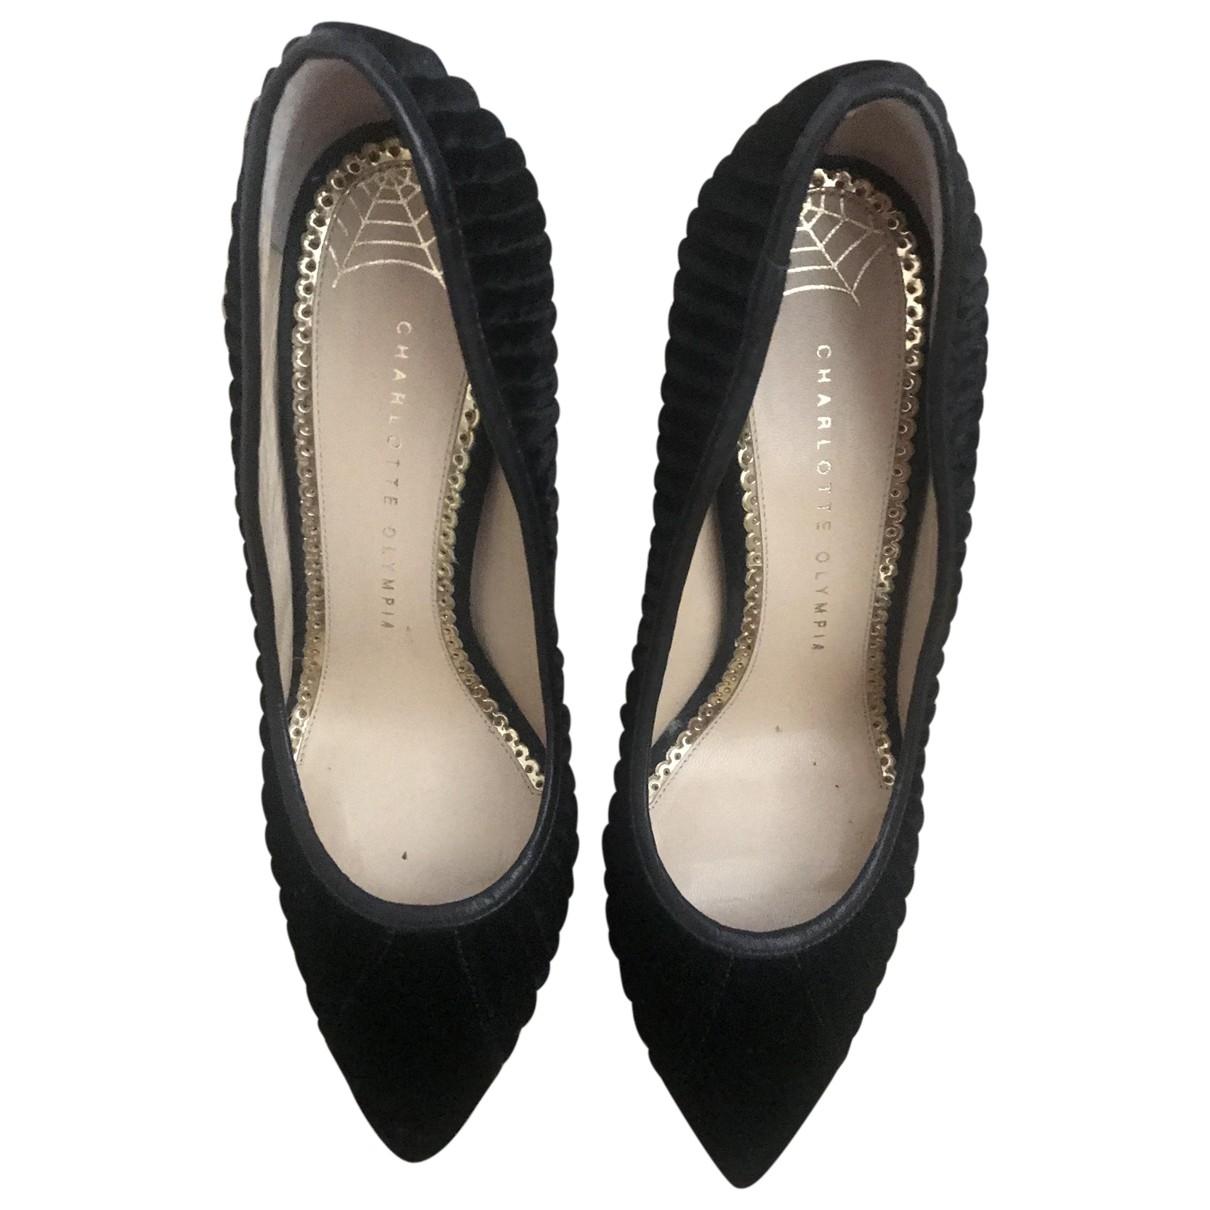 Charlotte Olympia - Escarpins   pour femme en velours - noir